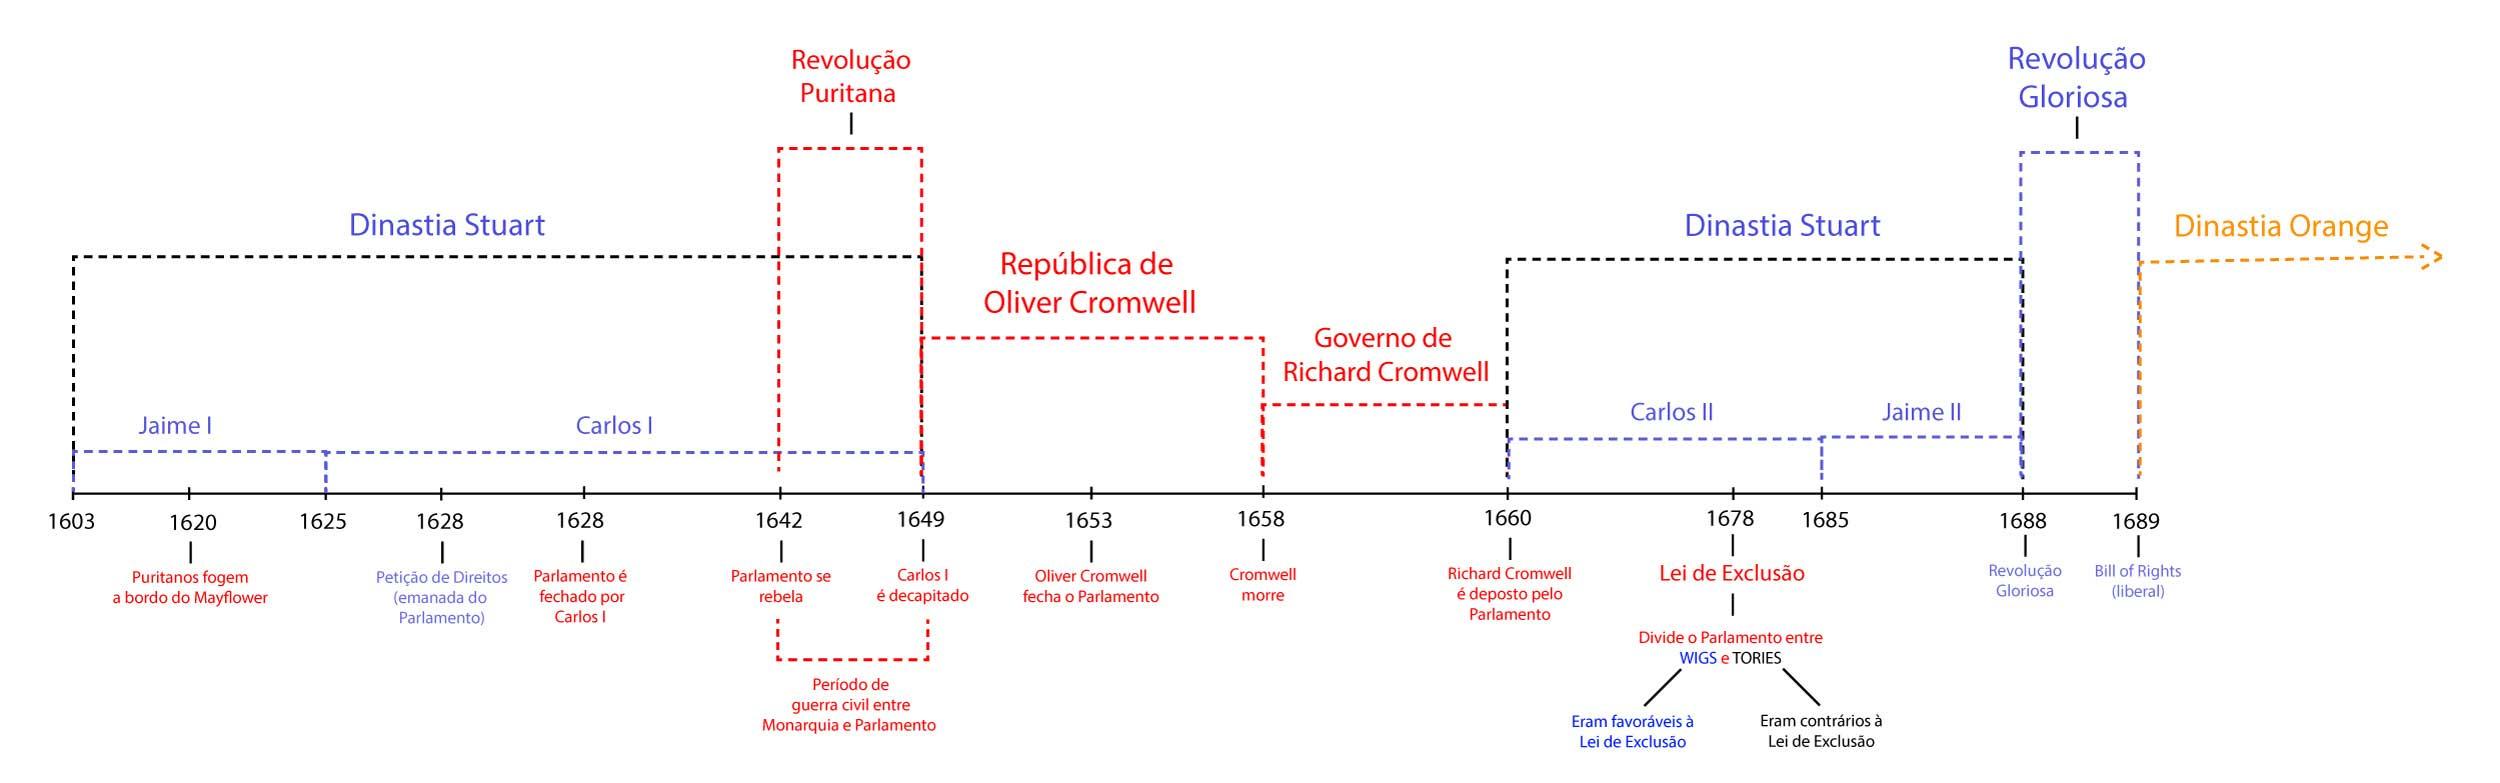 Revoluções Inglesas - Linha do Tempo